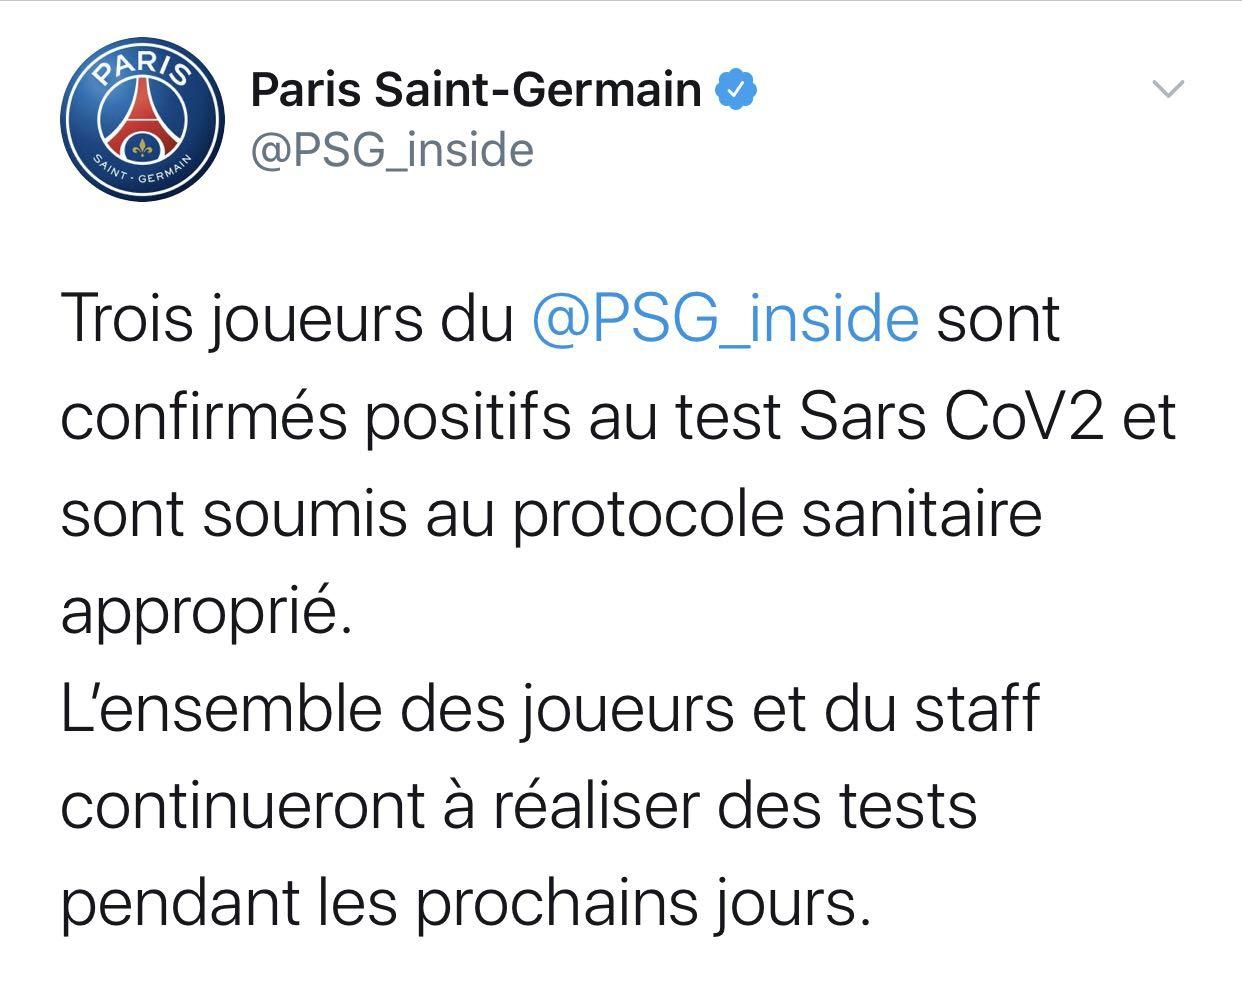 巴黎圣日尔曼俱乐部3名队员新冠病毒检测呈阳性